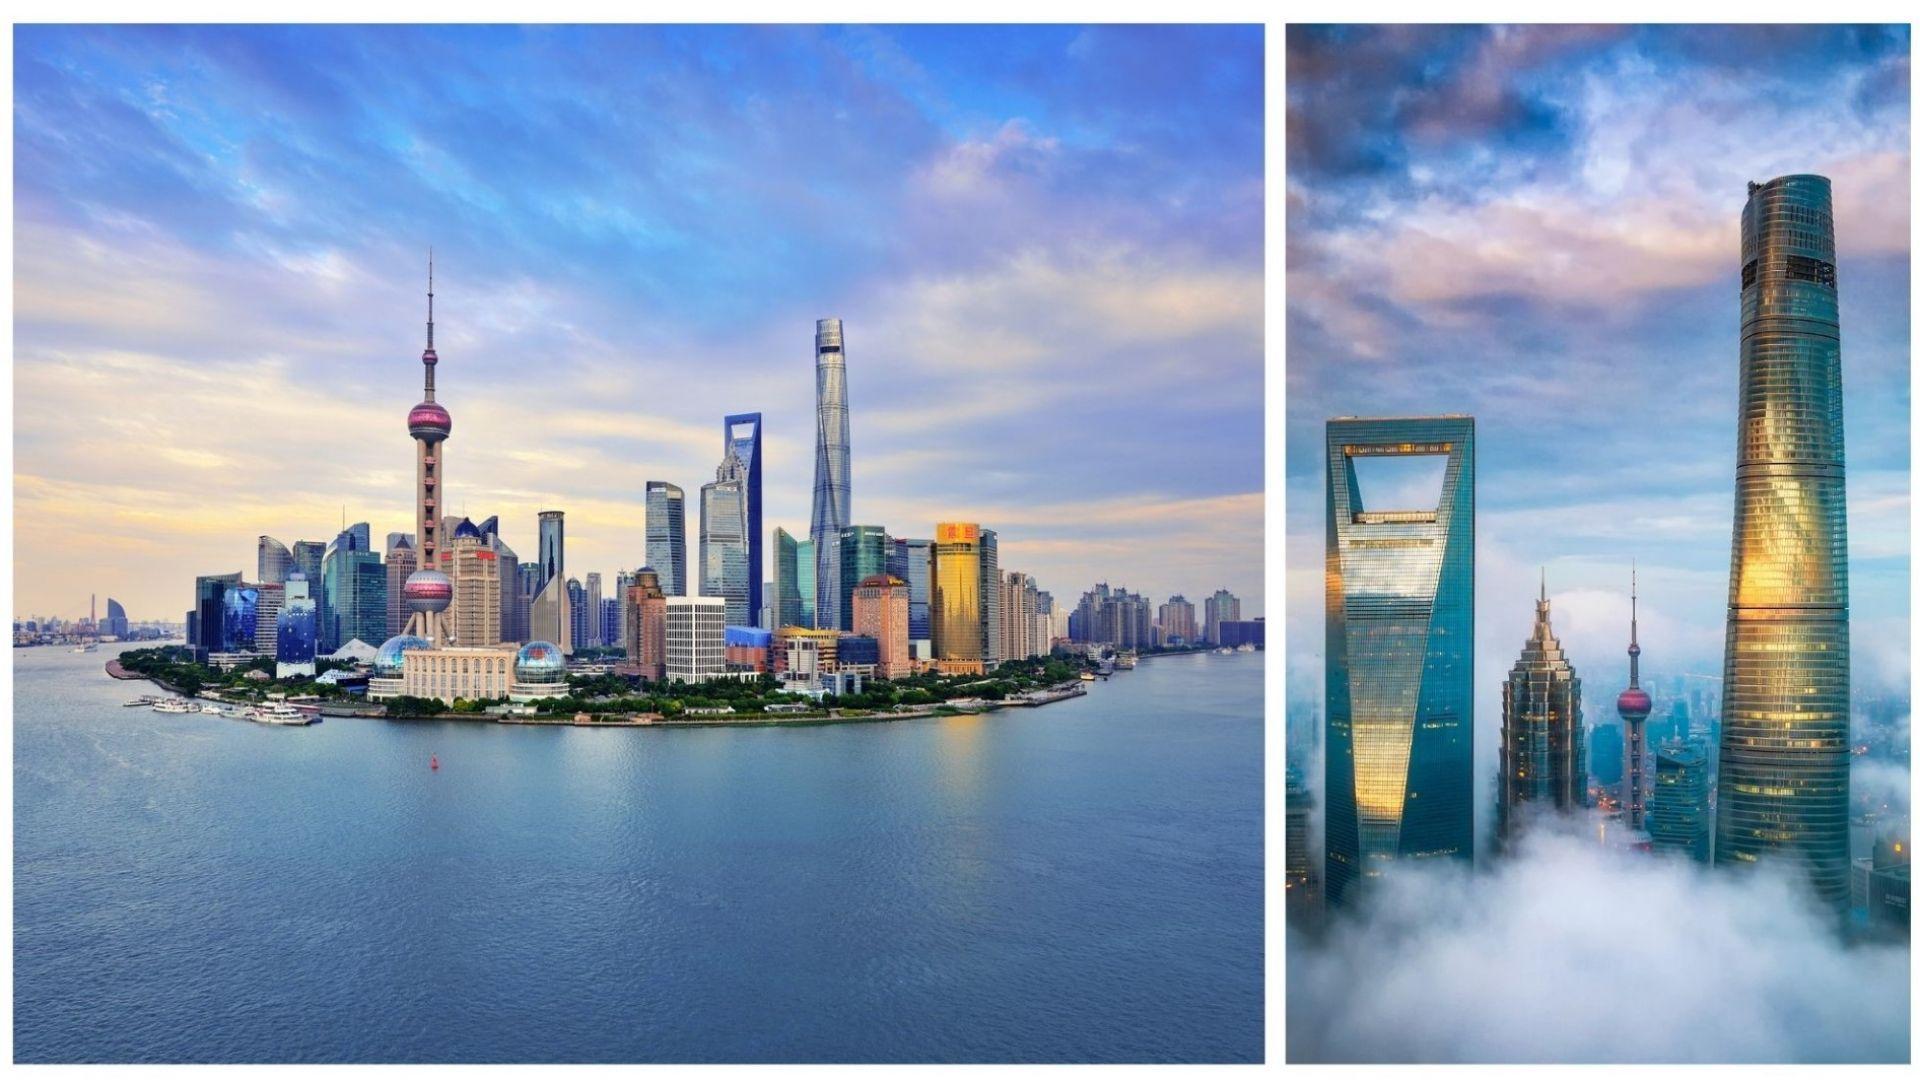 Най-високият хотел в света има ресторант на 120-ия етаж (видео)